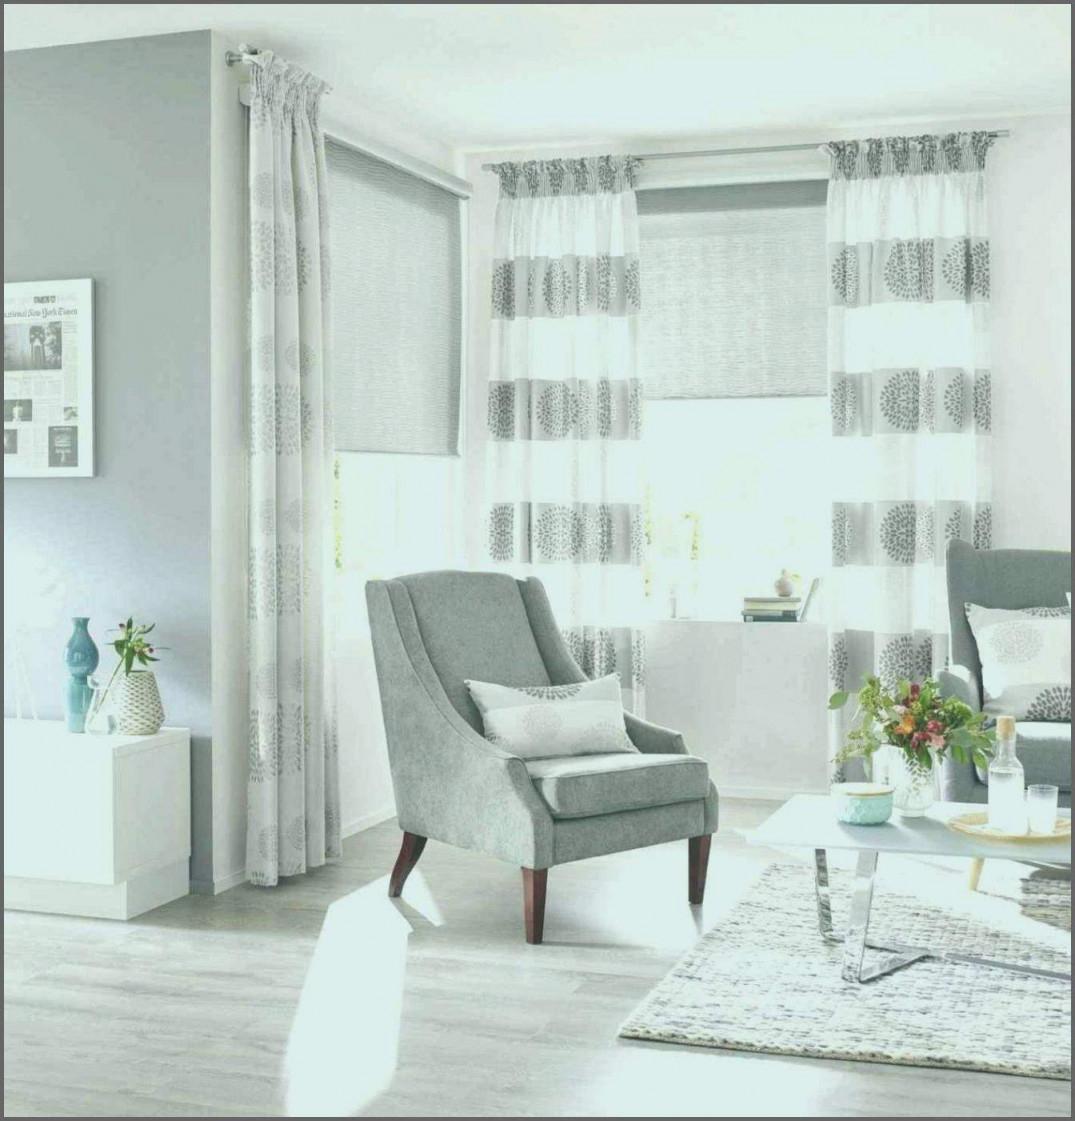 30 Neu Gardinen Ideen Wohnzimmer Elegant  Wohnzimmer Frisch von Ideen Für Gardinen Im Wohnzimmer Bild